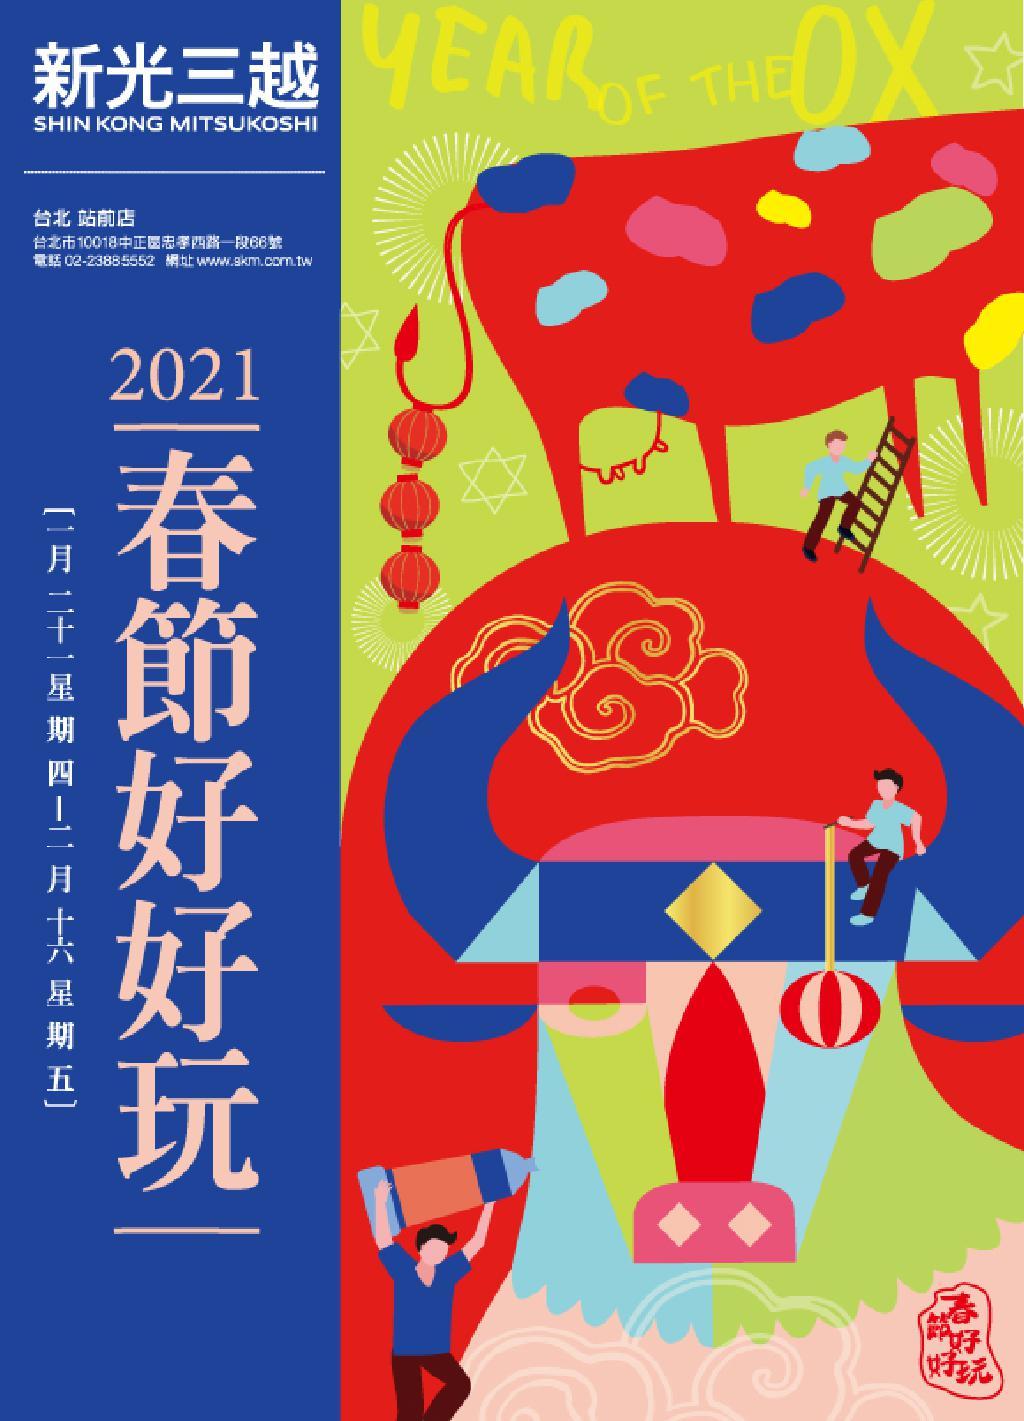 新光三越《台北站前店》DM 2021春節好好玩 【2021/2/16 止】